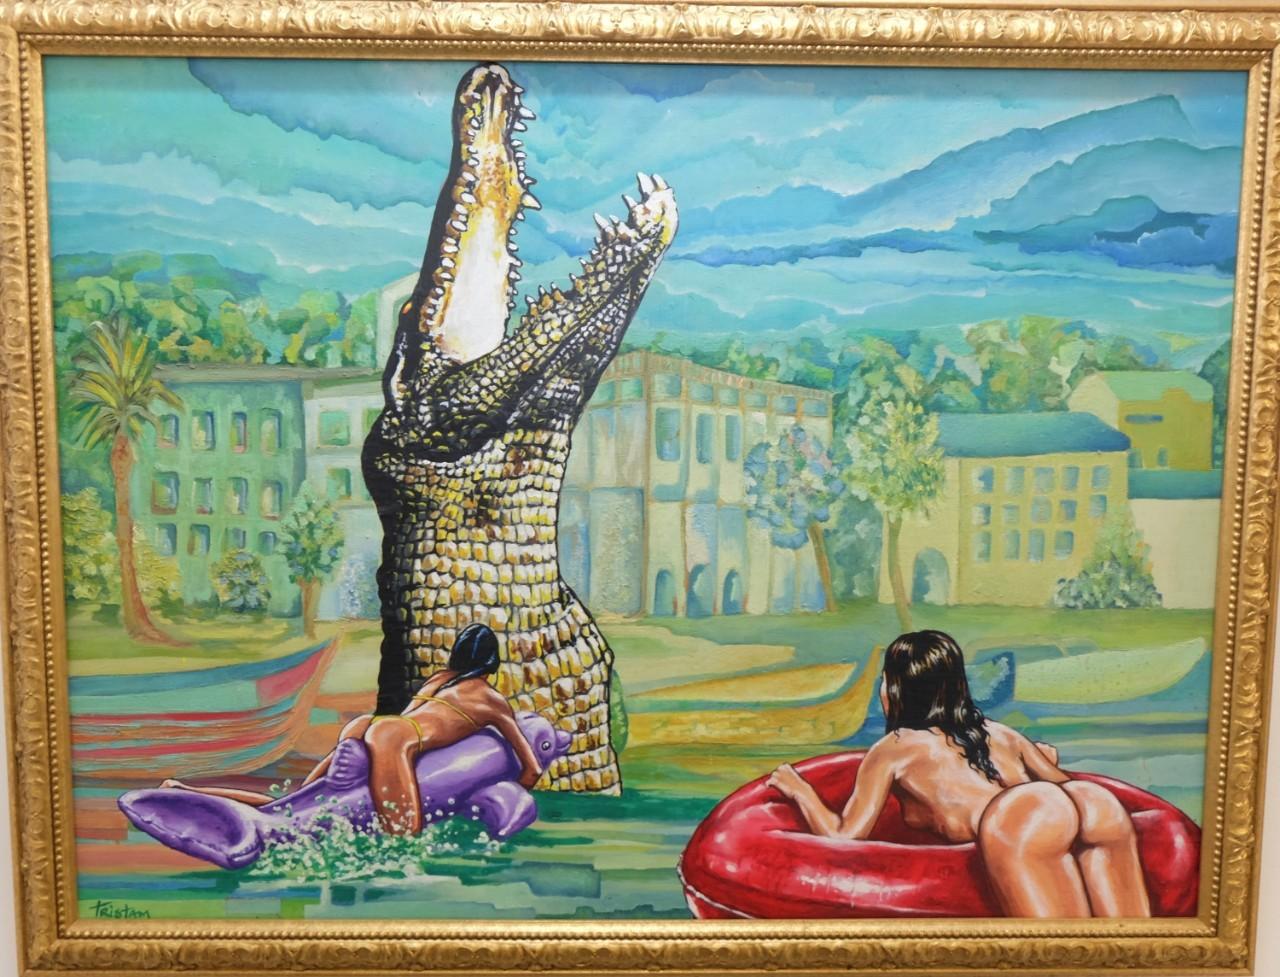 Ali Gator et les baigneuses dingues.